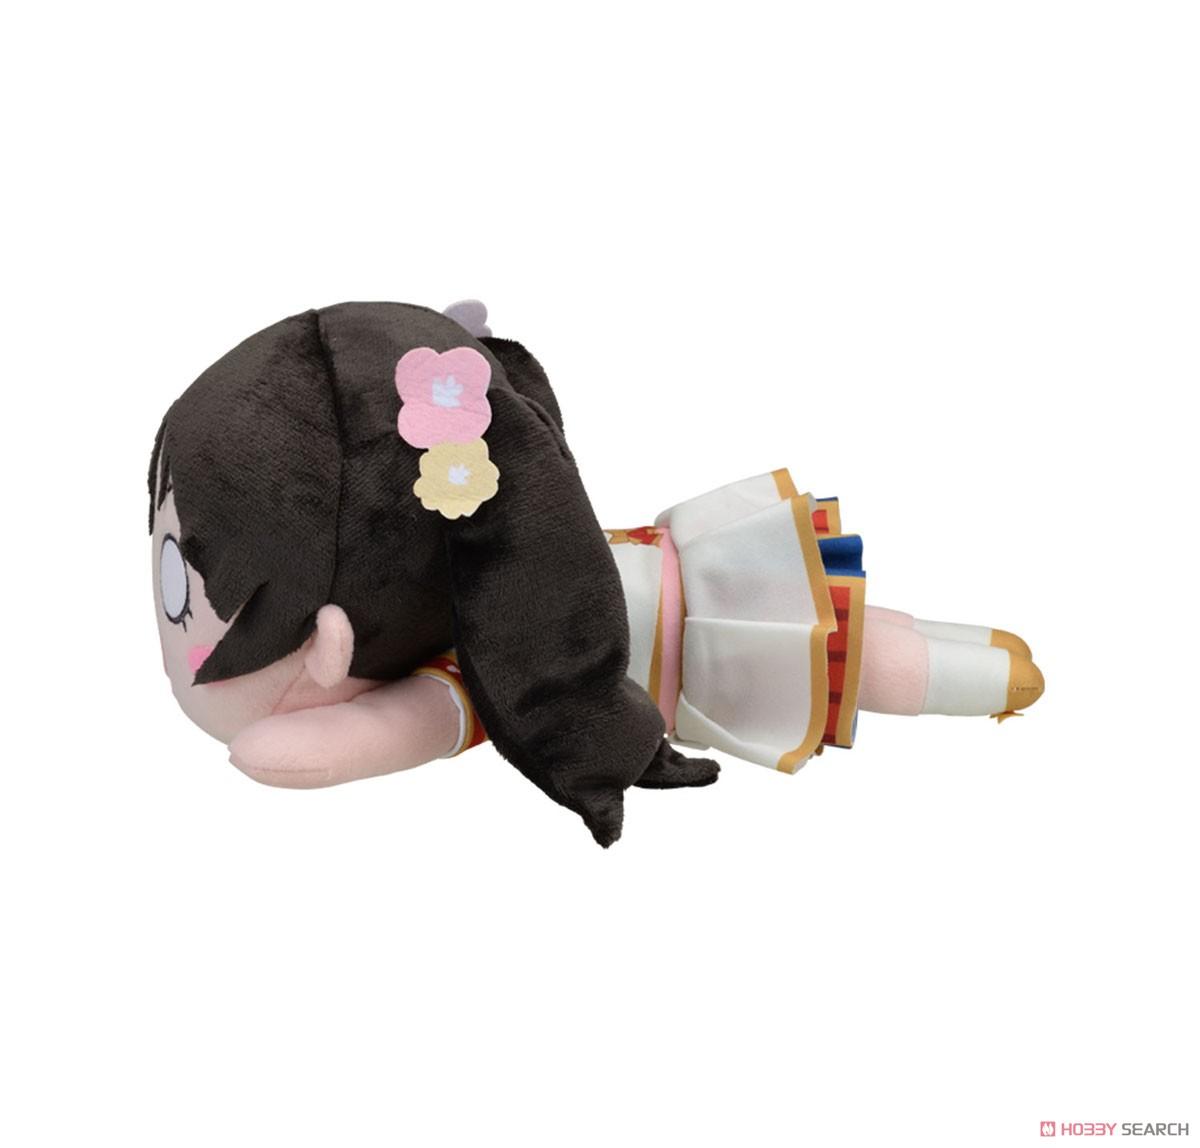 ラブライブ! スクールアイドルフェスティバル ALL STARS『矢澤にこ(M)』寝そべりぬいぐるみ-002